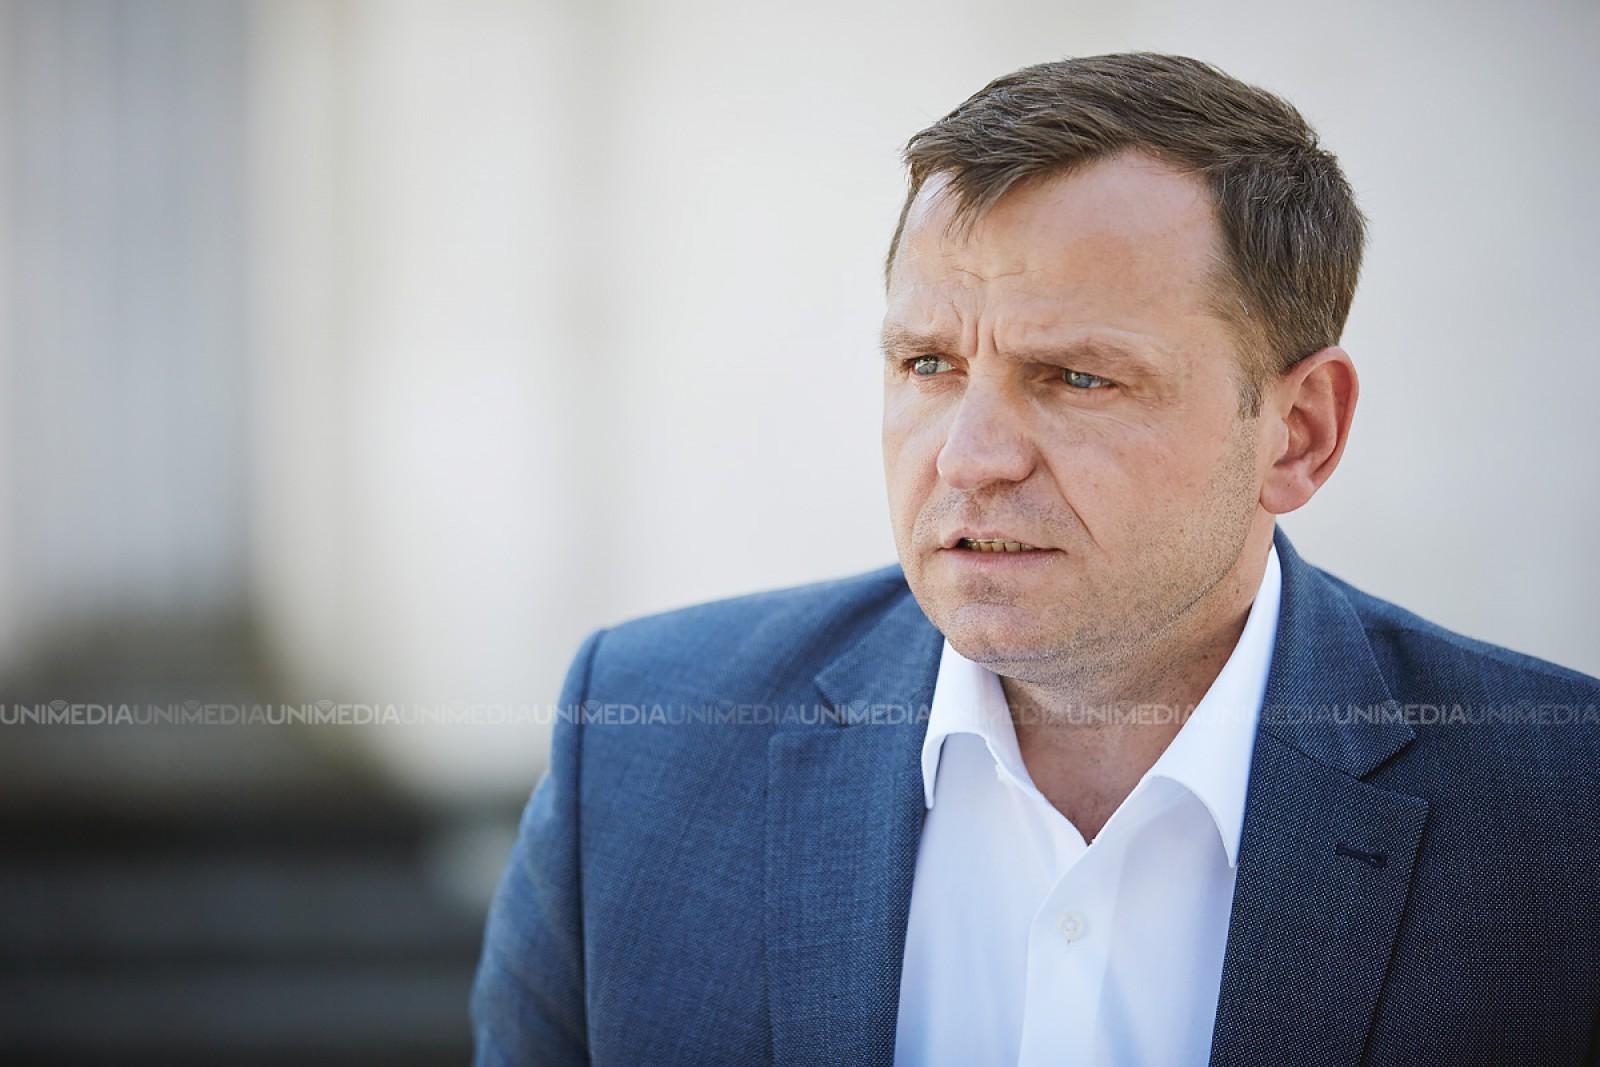 """Scrisoarea lui Andrei Năstase către primarii din RM: """"Data de 26 august va fi unica șansă să vă eliberați de șantaj și presiune"""""""